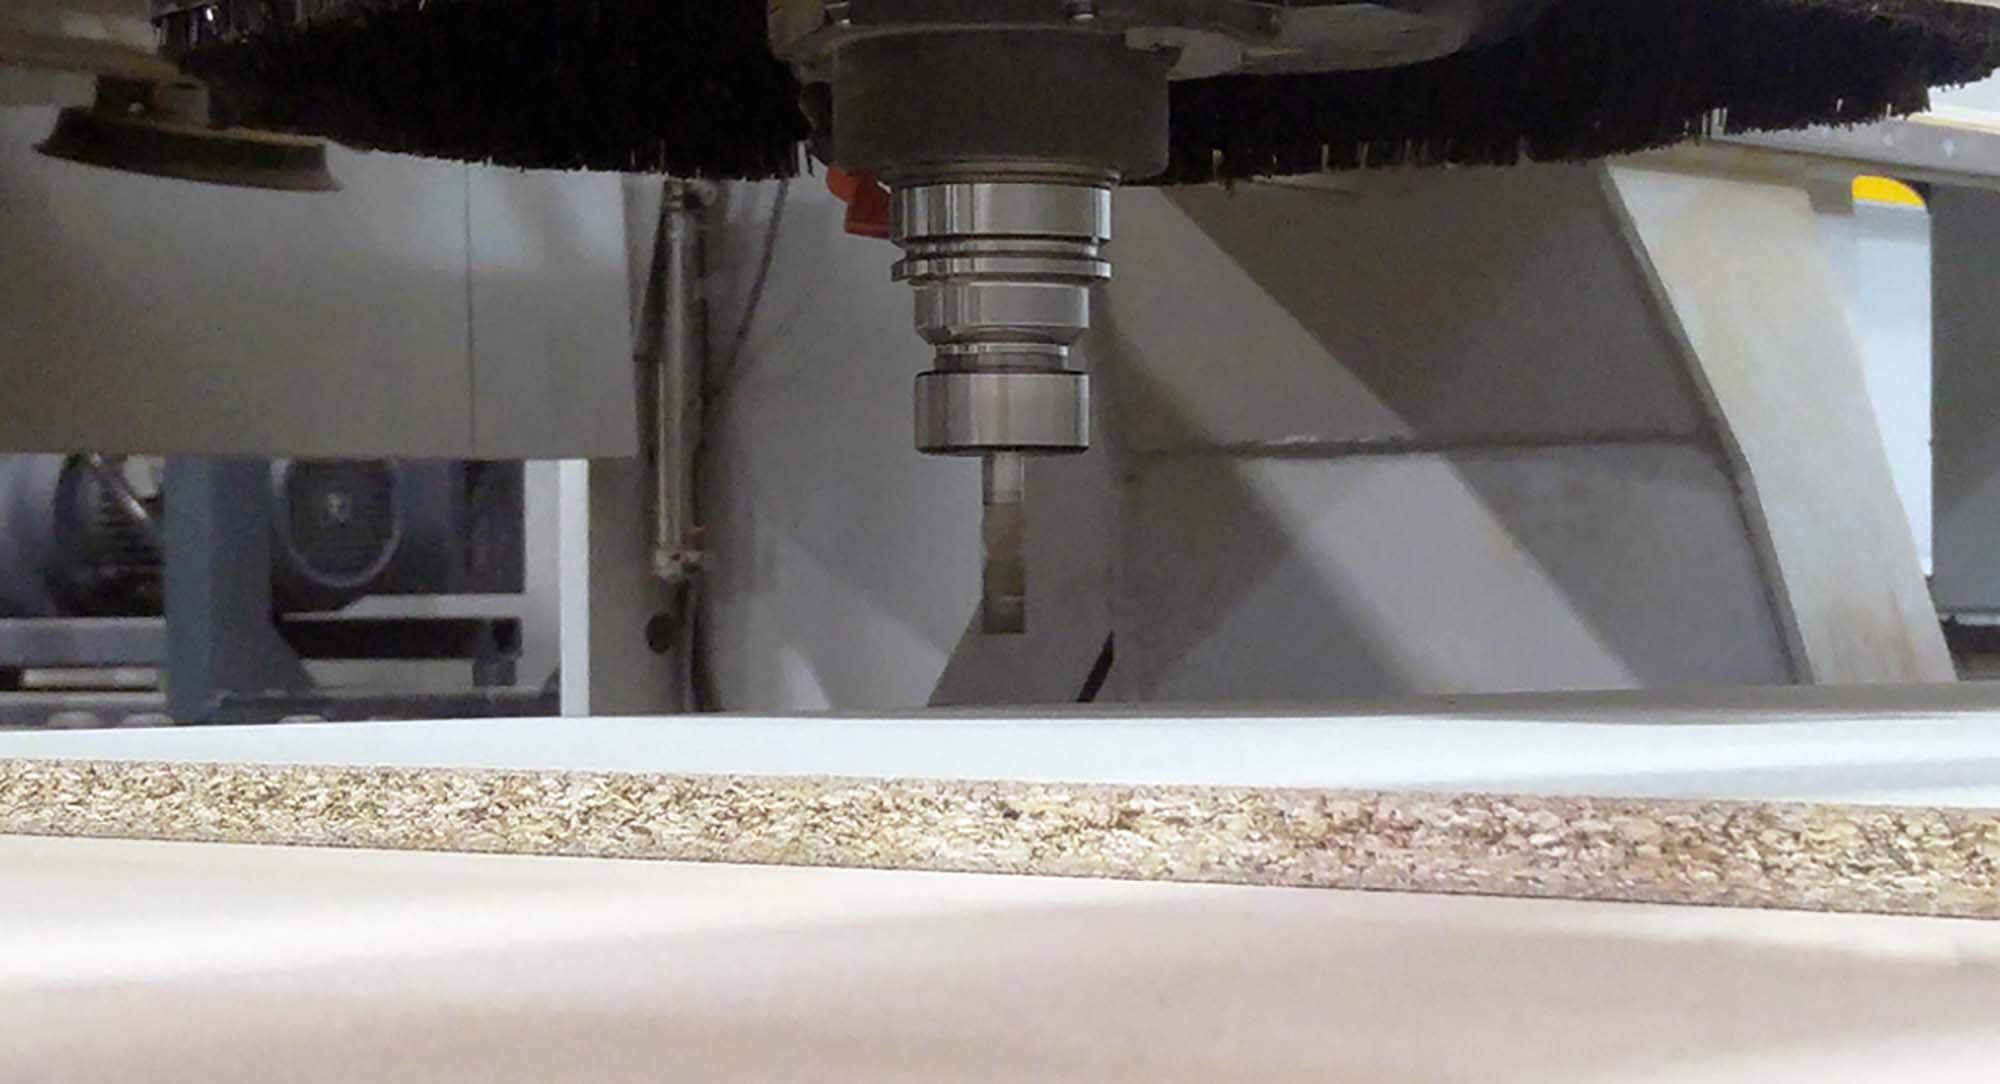 realizzazioni pannelli espositivi e culle per ceramica con pantografo a 5 assi